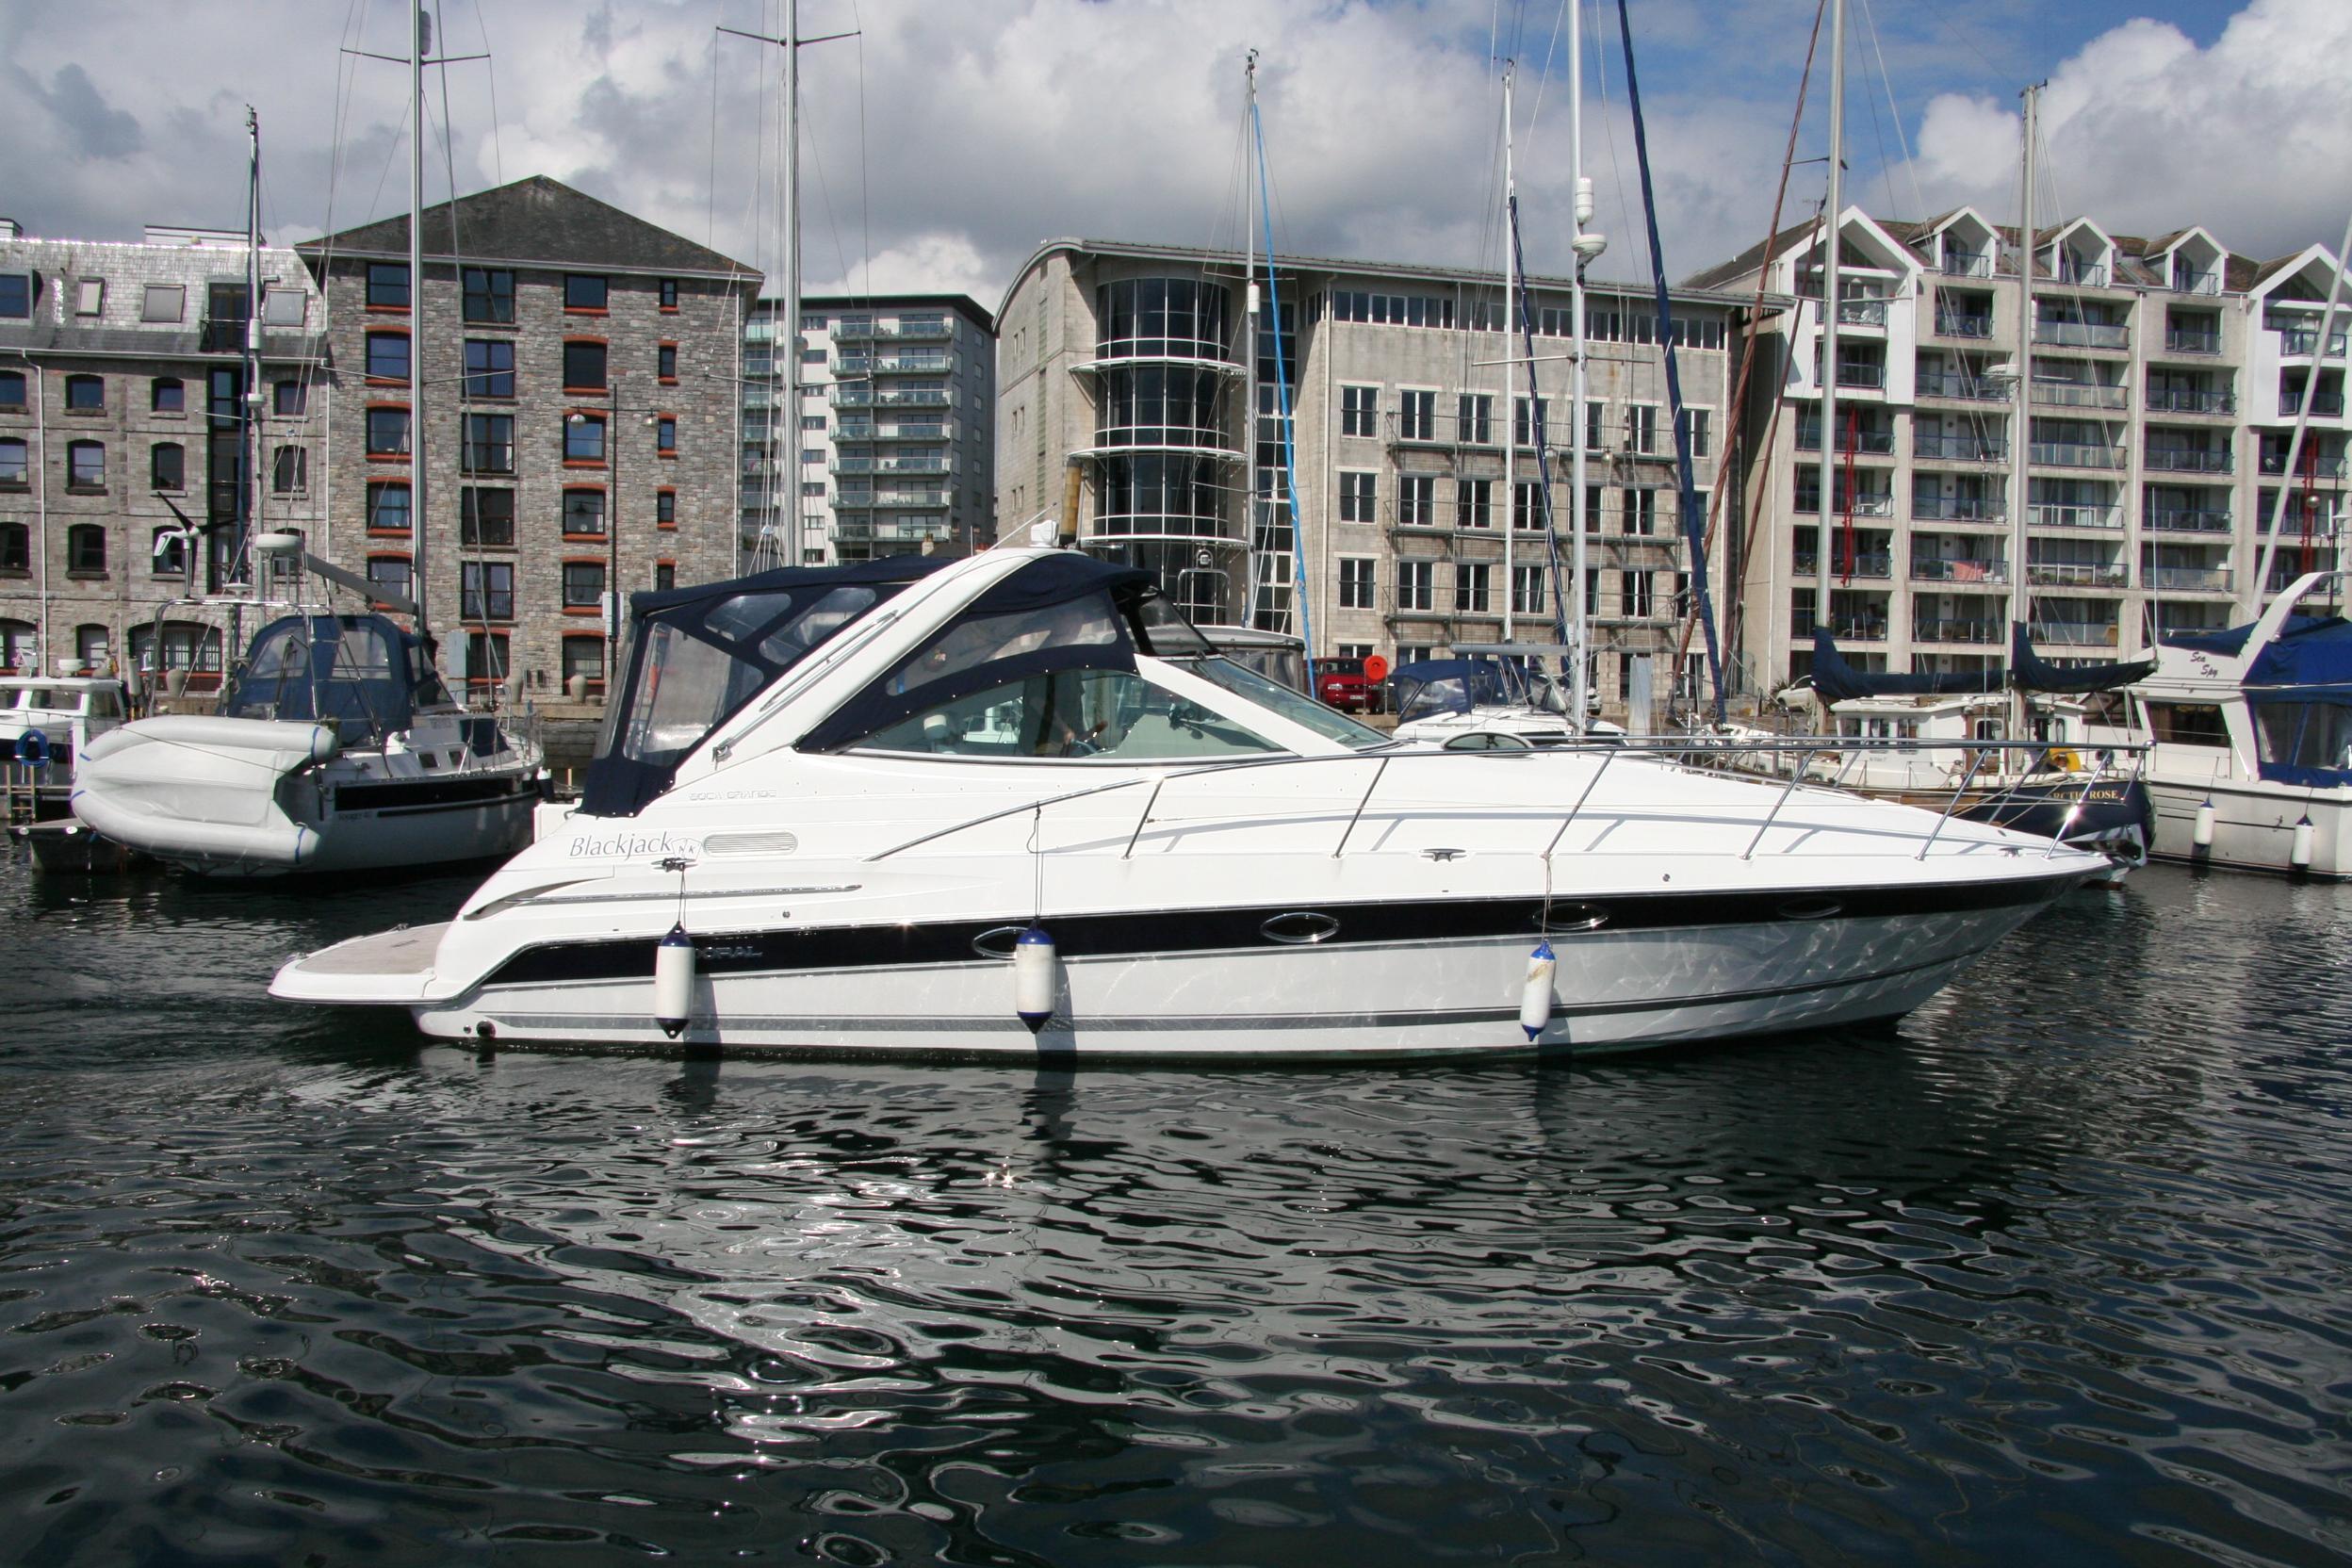 2005 Doral Boca Grande Motor Båt til salgs